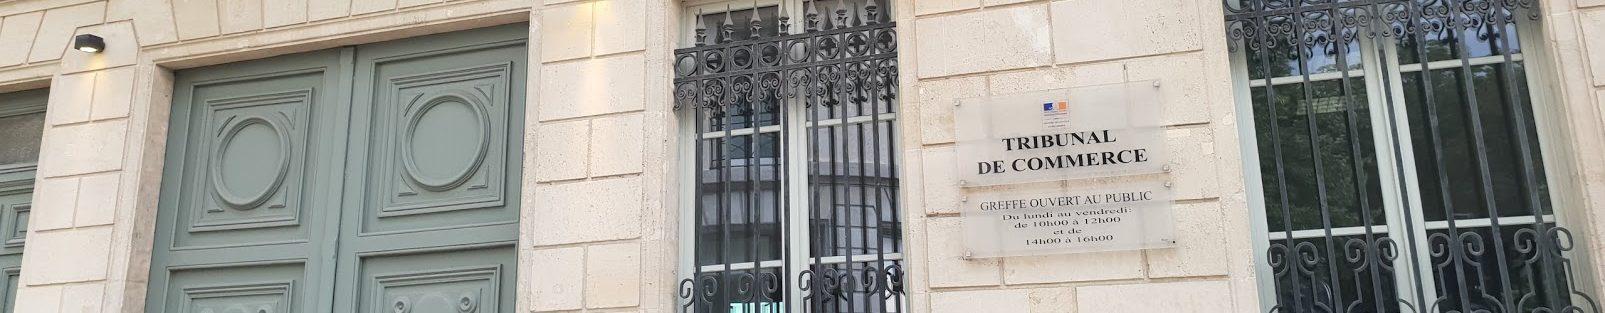 Tribunal de Commerce de Reims